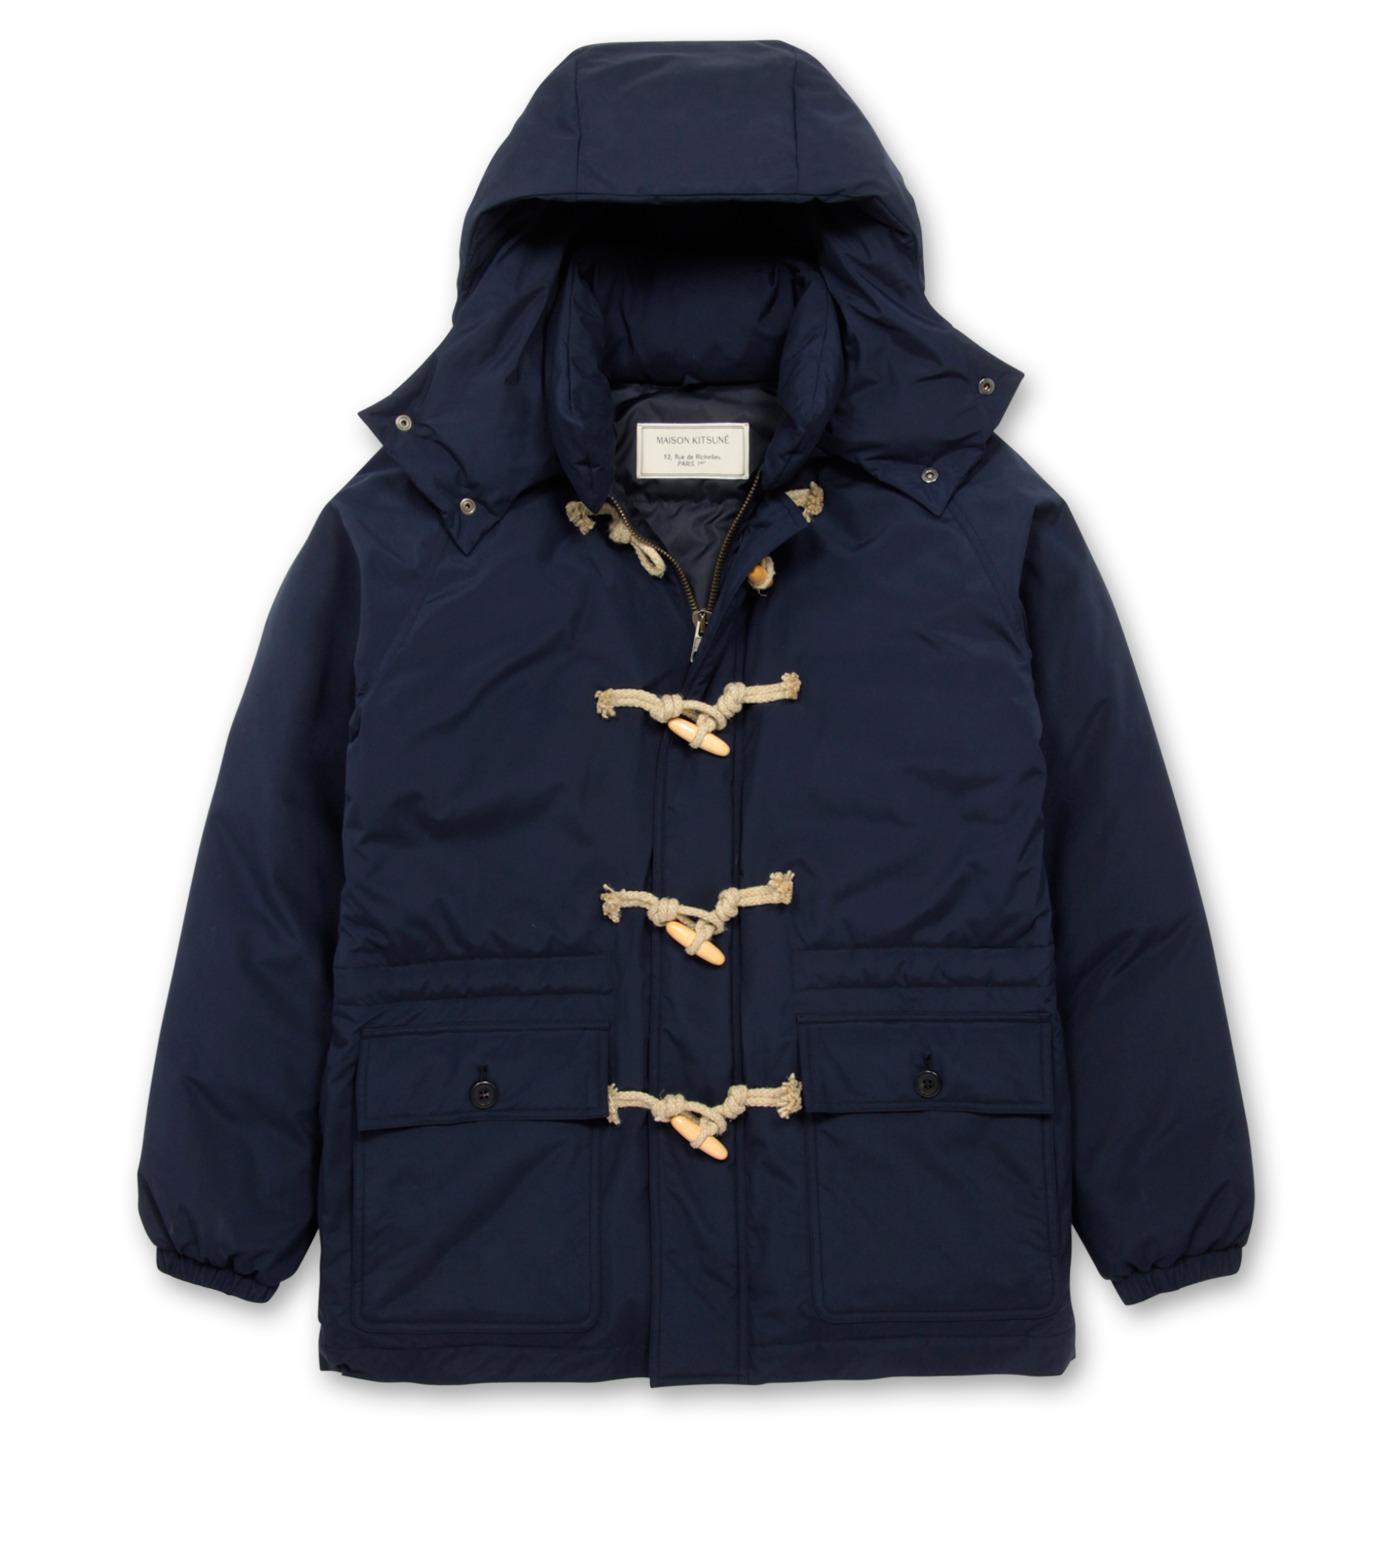 MAISON KITSUNÉ(メゾンキツネ)のMountain jacket-NAVY-FW11-056-OT 拡大詳細画像1